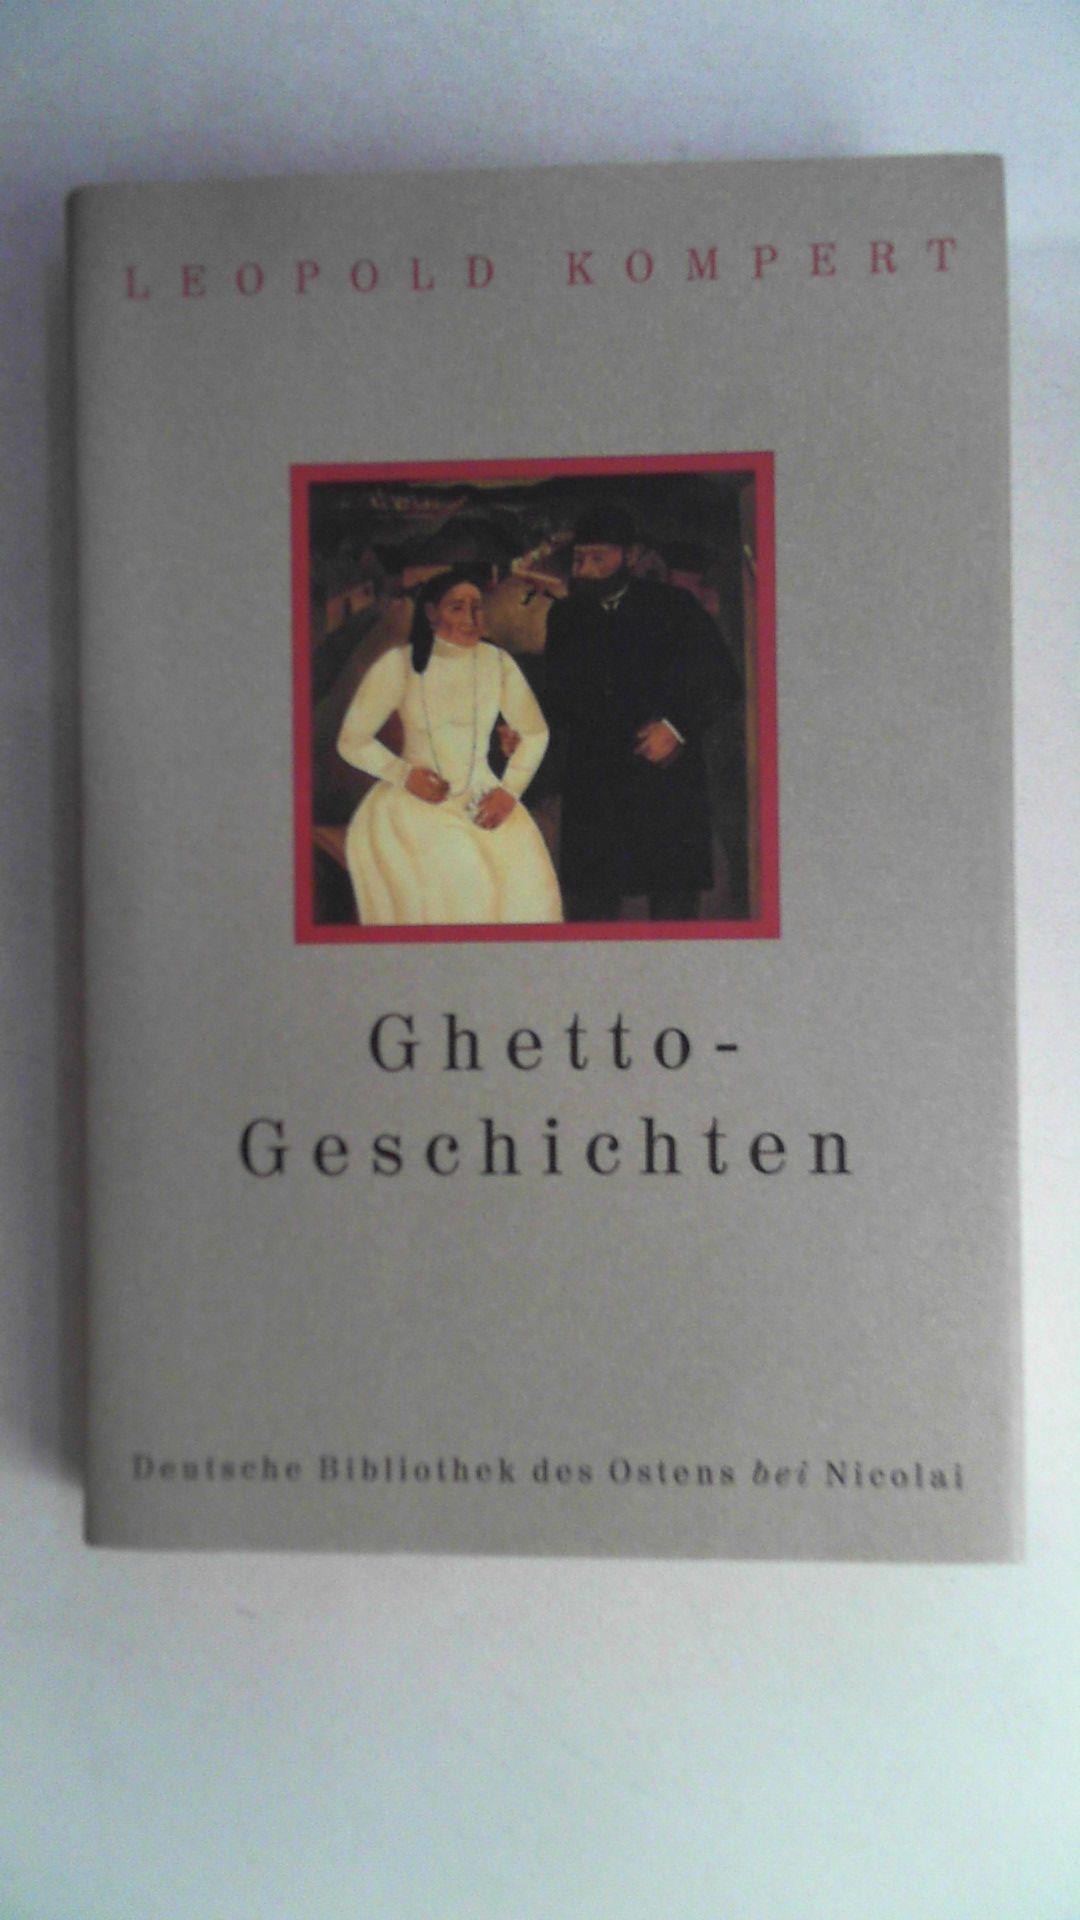 Ghetto-Geschichten, Deutsche Bibliothek des Ostens;: Kompert, Leopold: